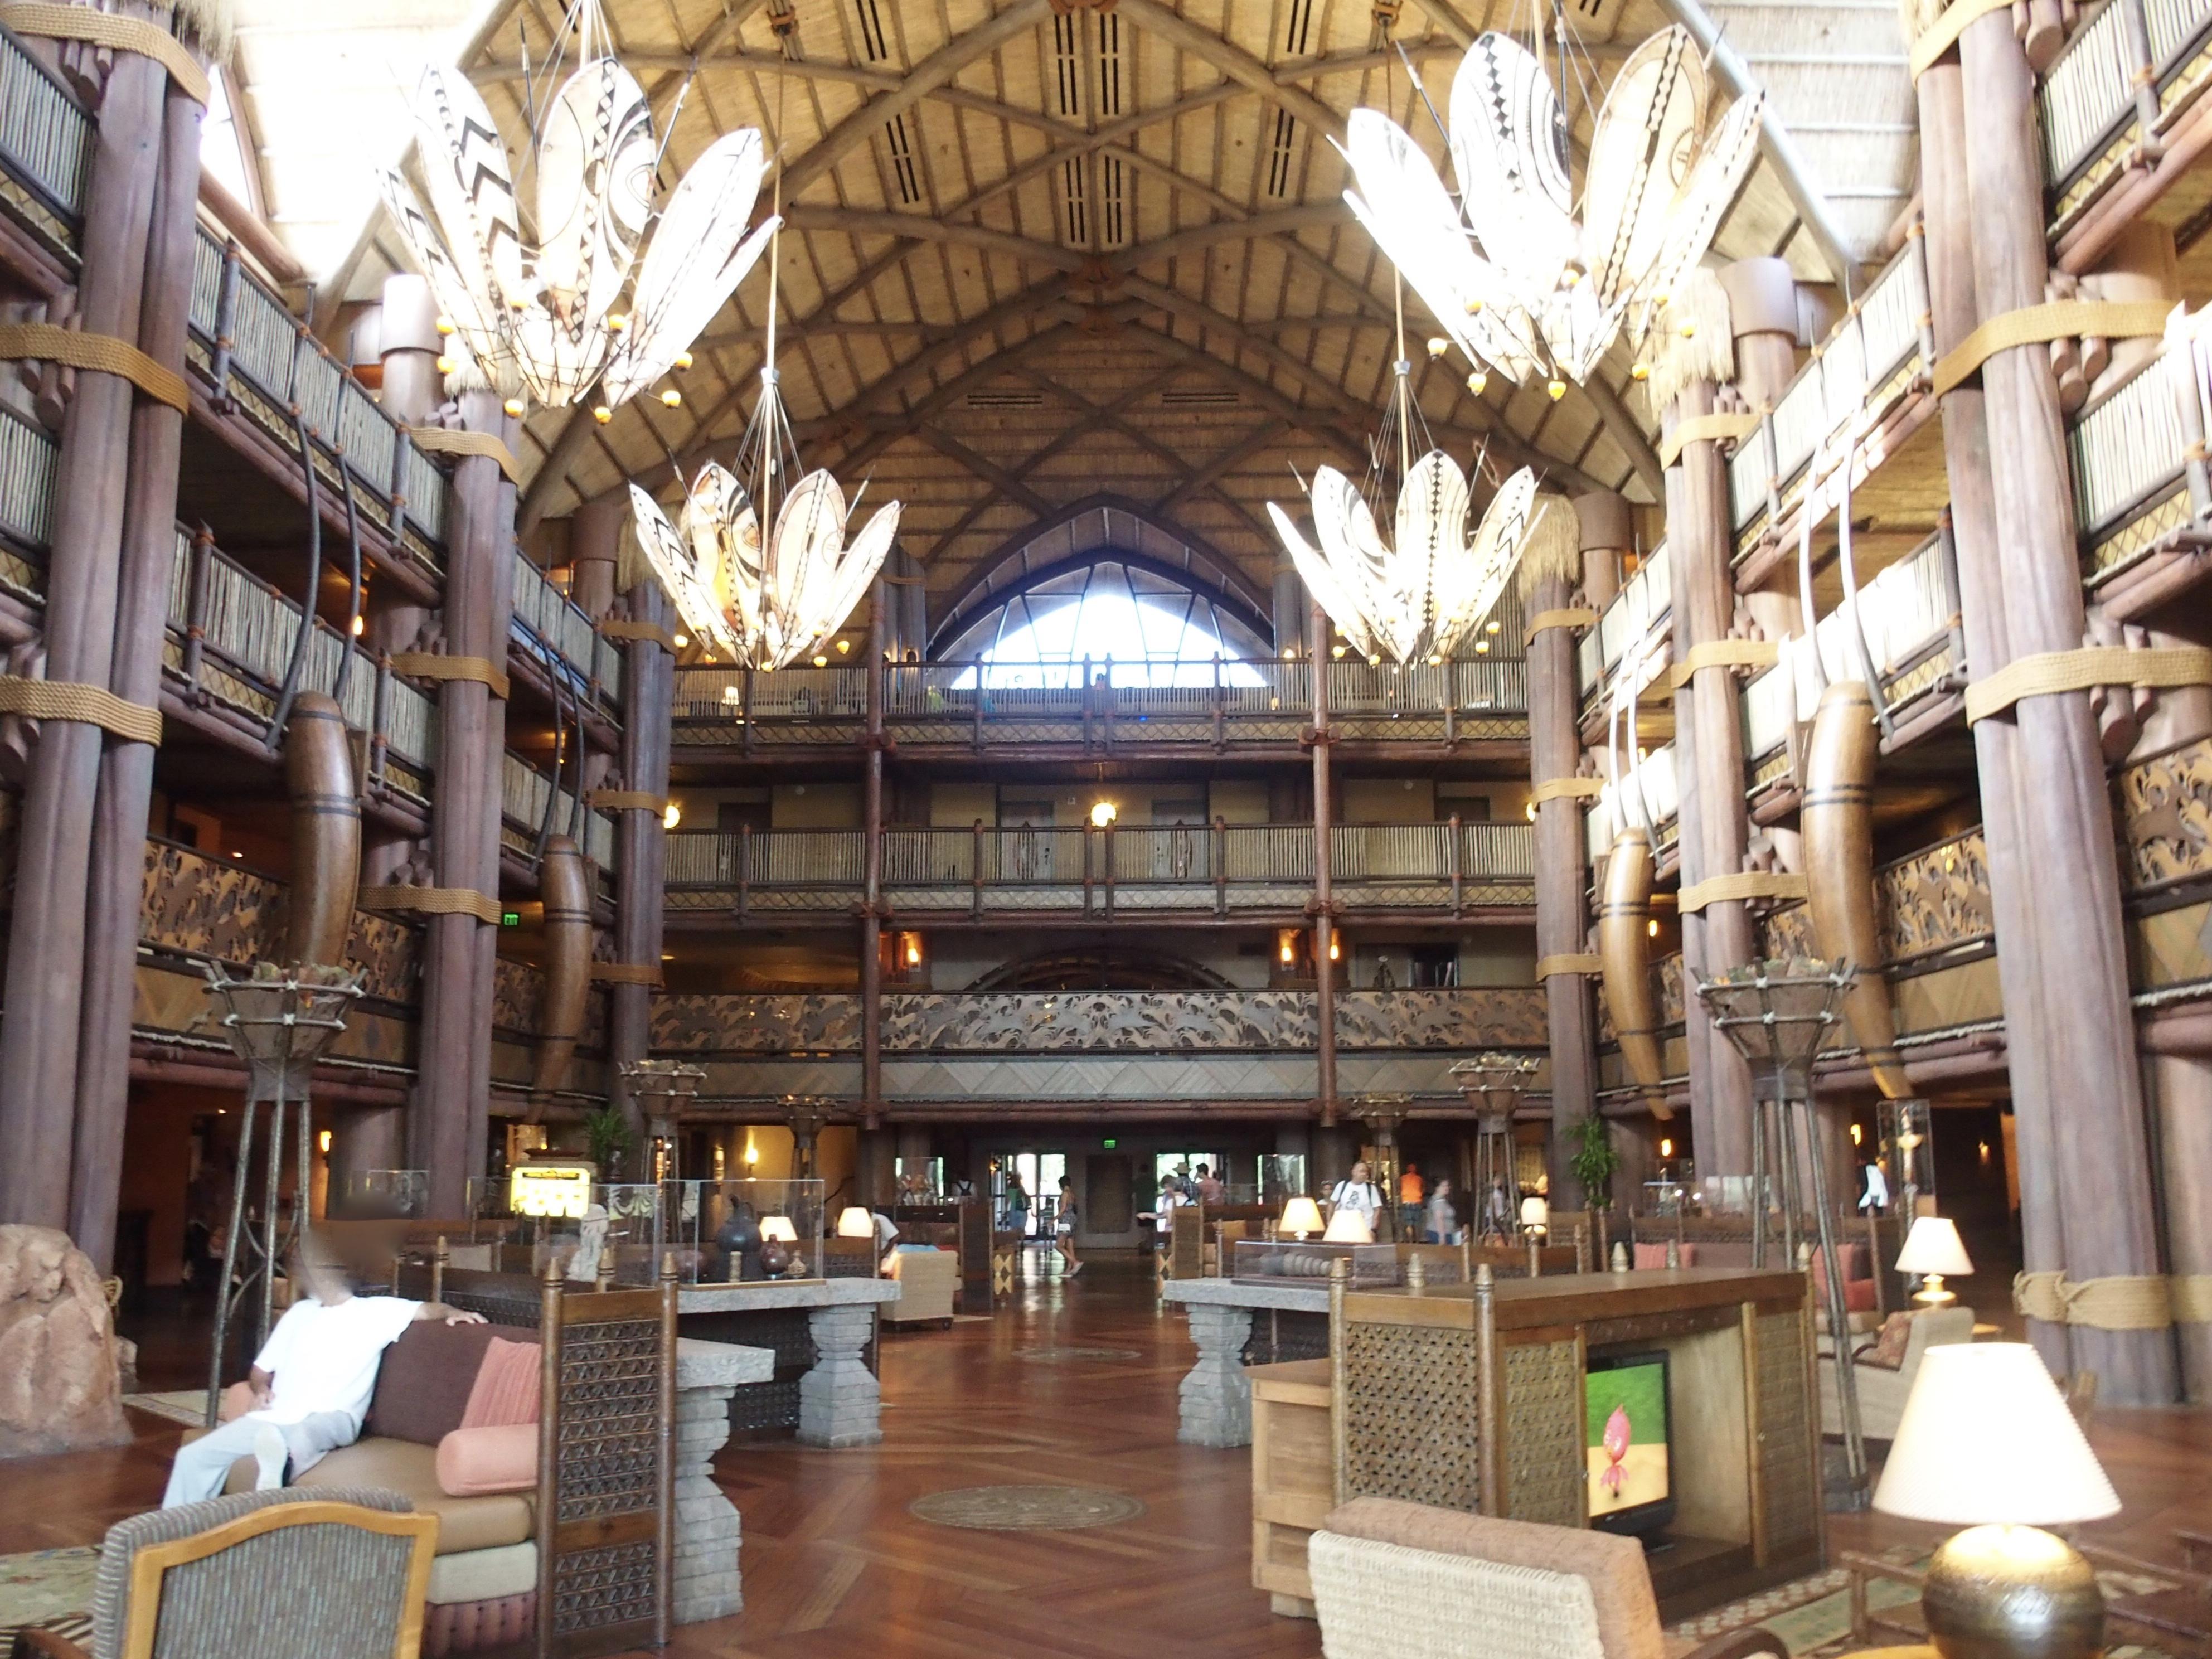 ディズニー・アニマルキングダム・ロッジはwdwの中でおすすめのホテル